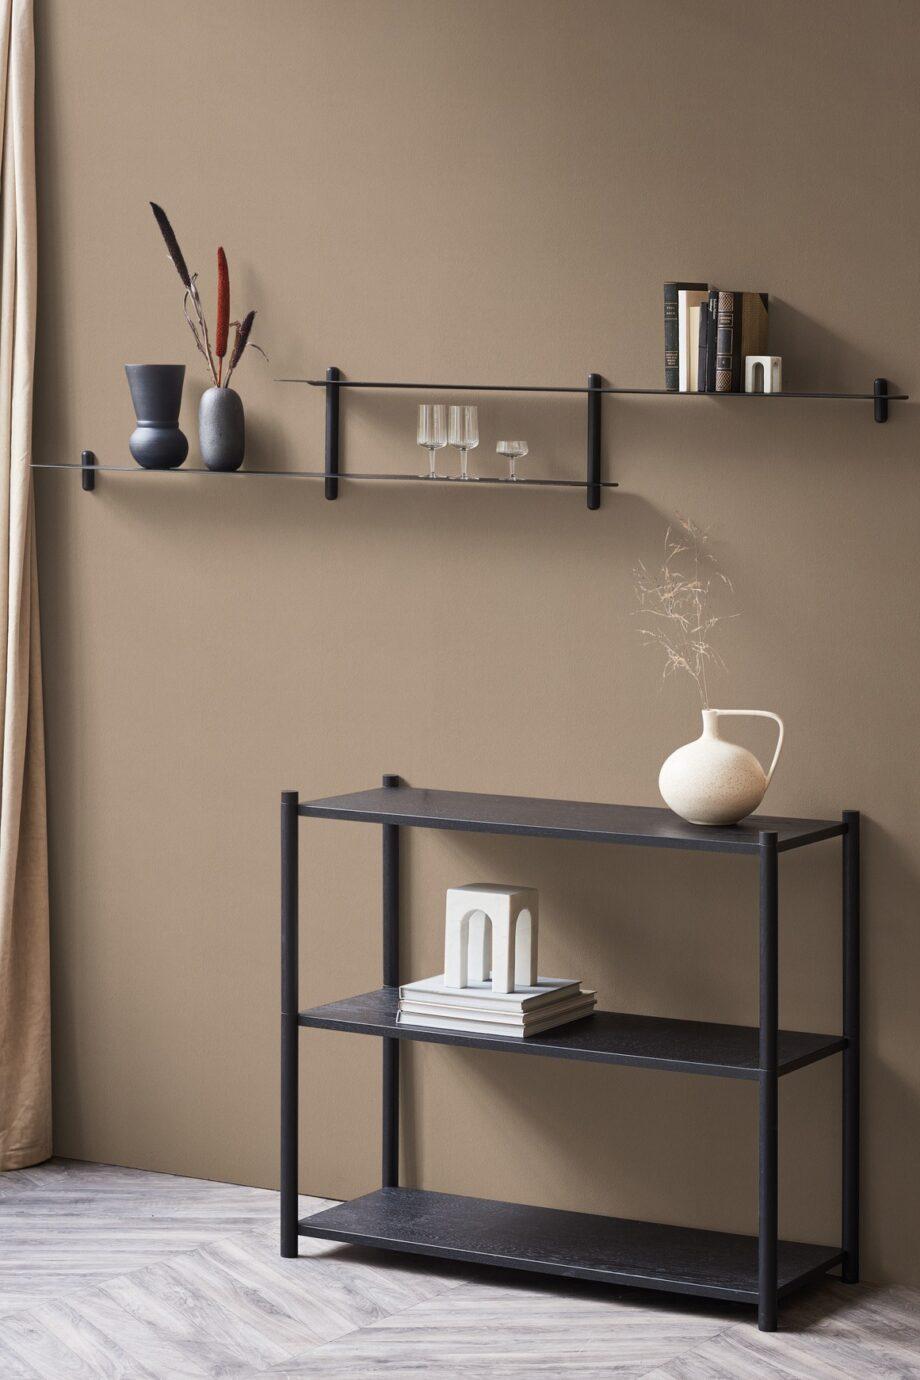 Nivo H wandrek van Gejst design zwart woonkamer